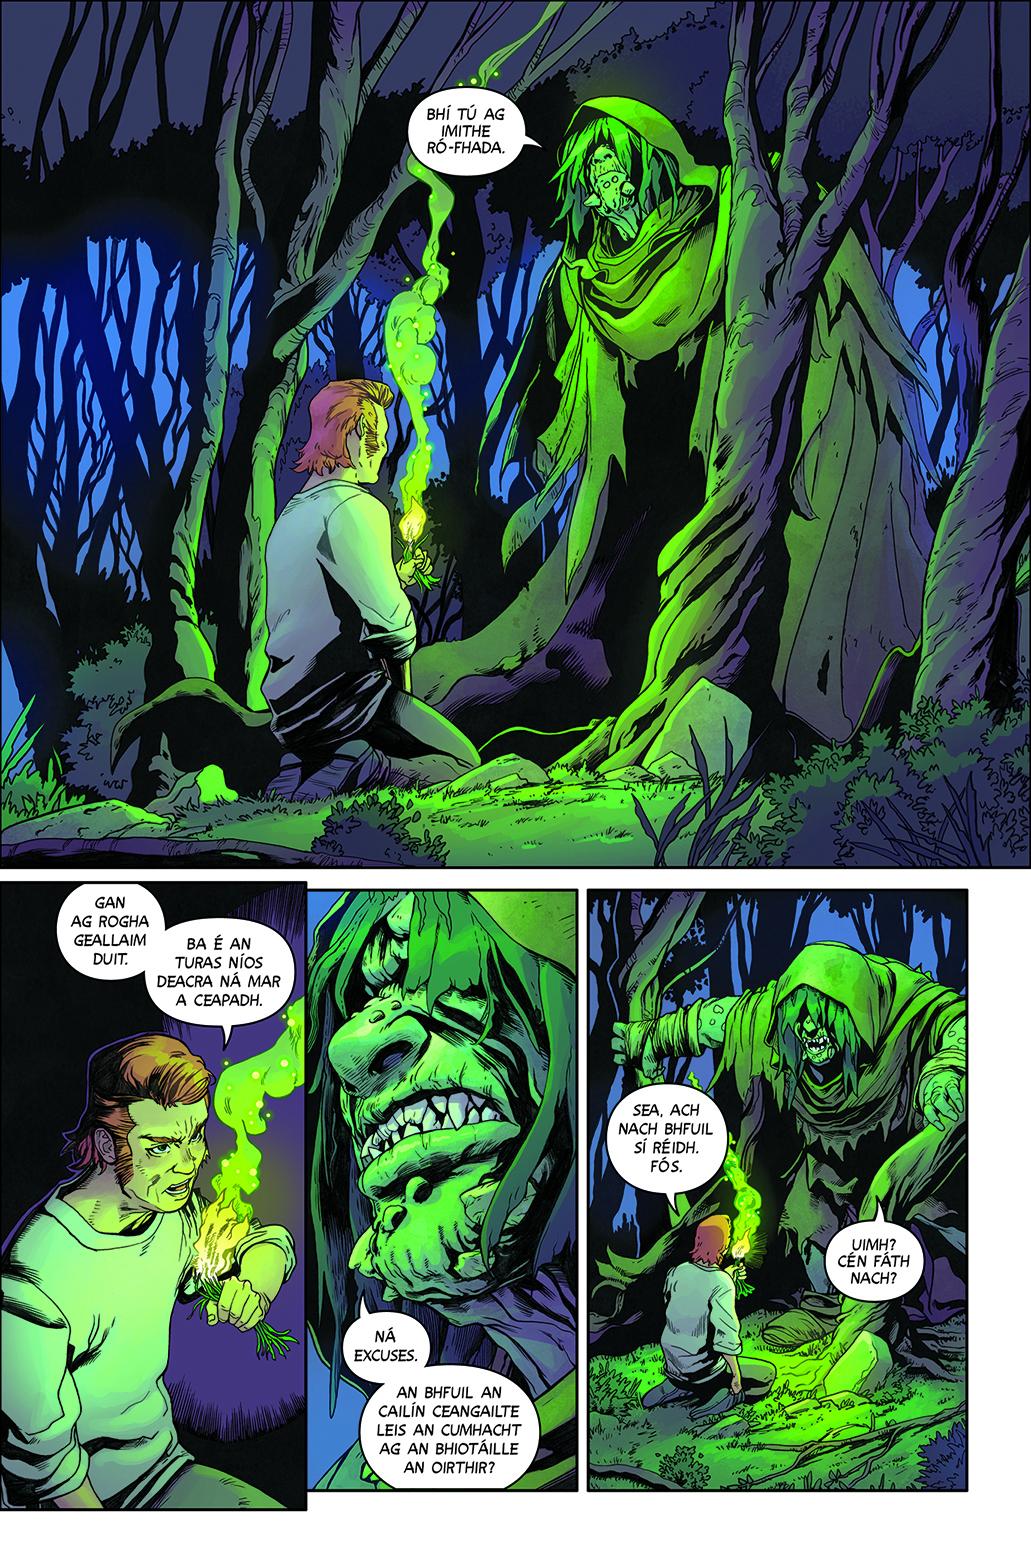 WAYWARD #16 PAGE 20 IMAGE COMICS